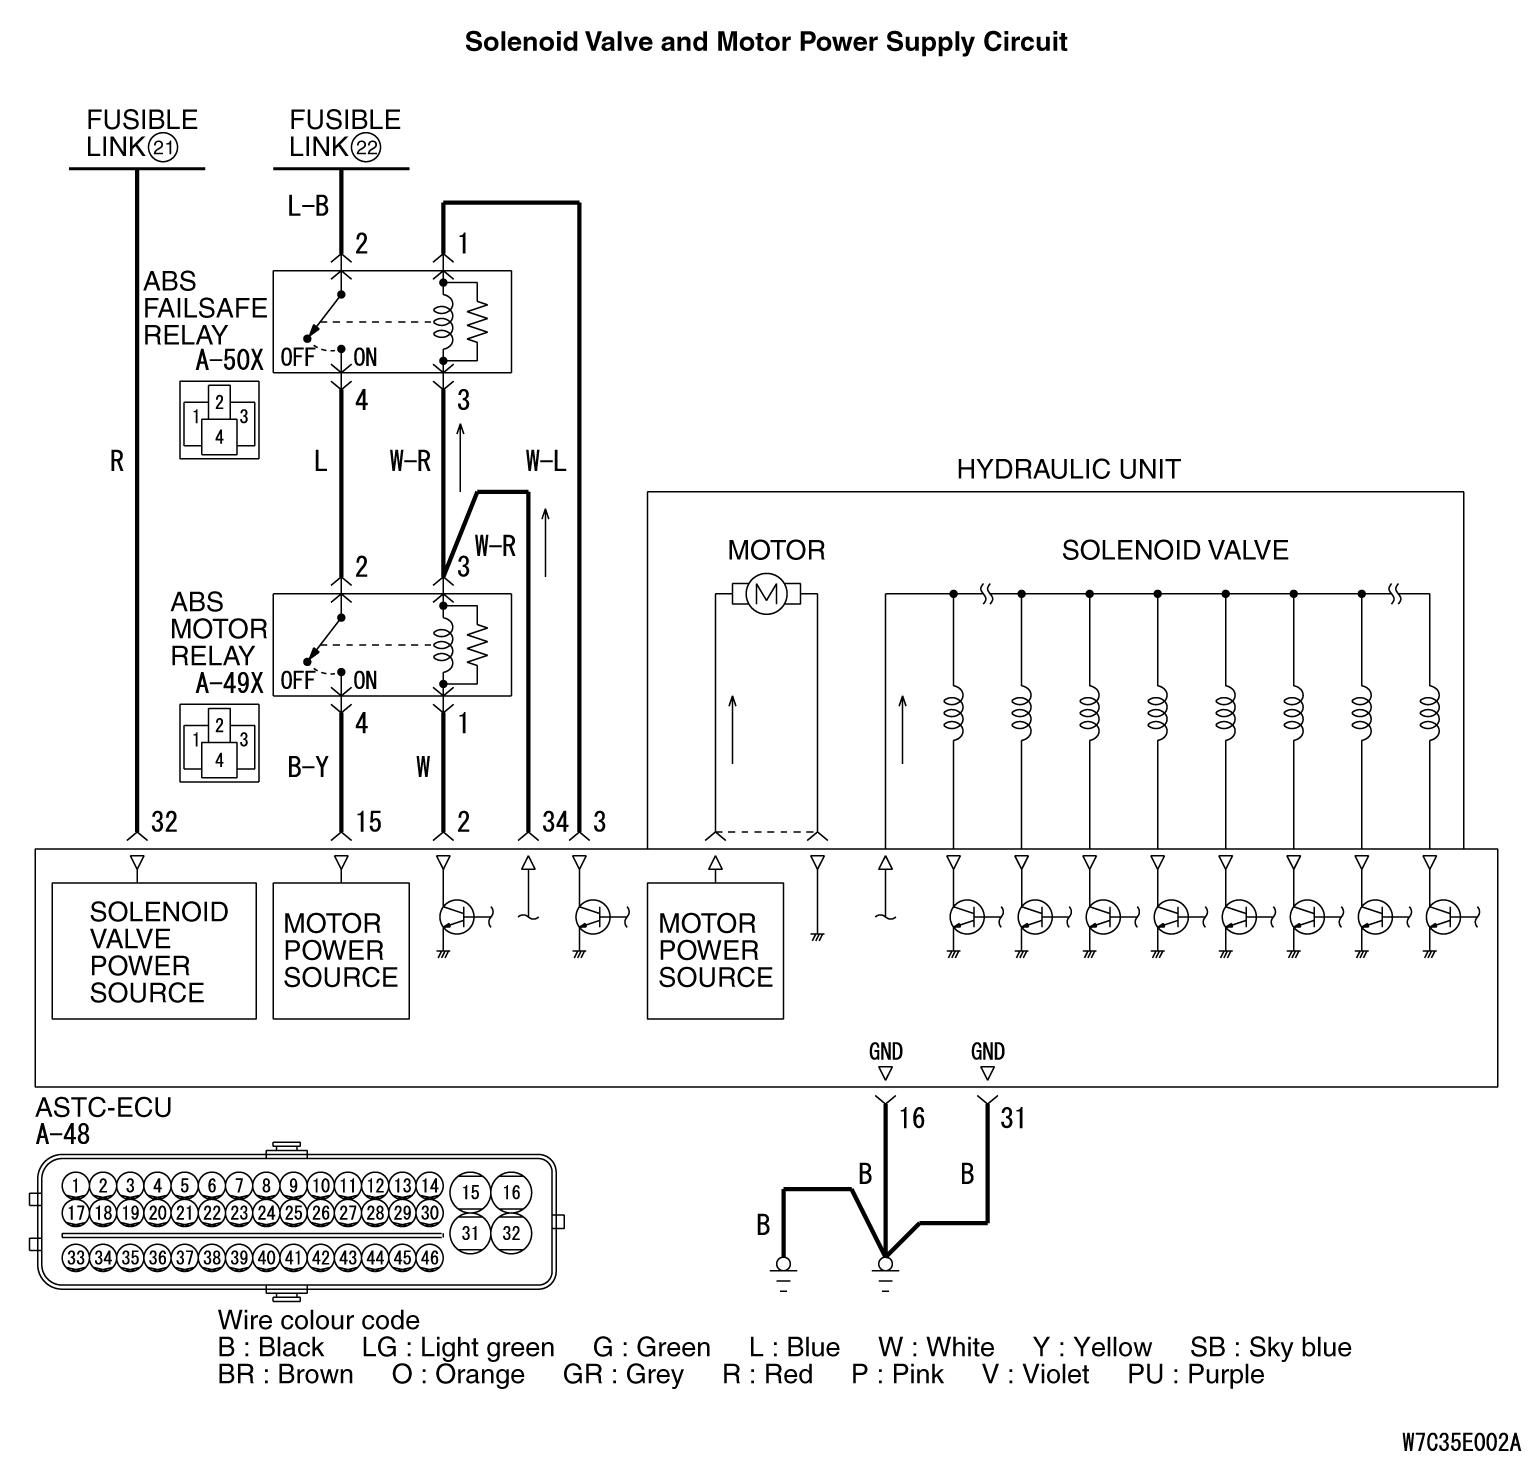 code no  c1278  solenoid valve relay  open circuit  code no c1279  solenoid valve relay  short